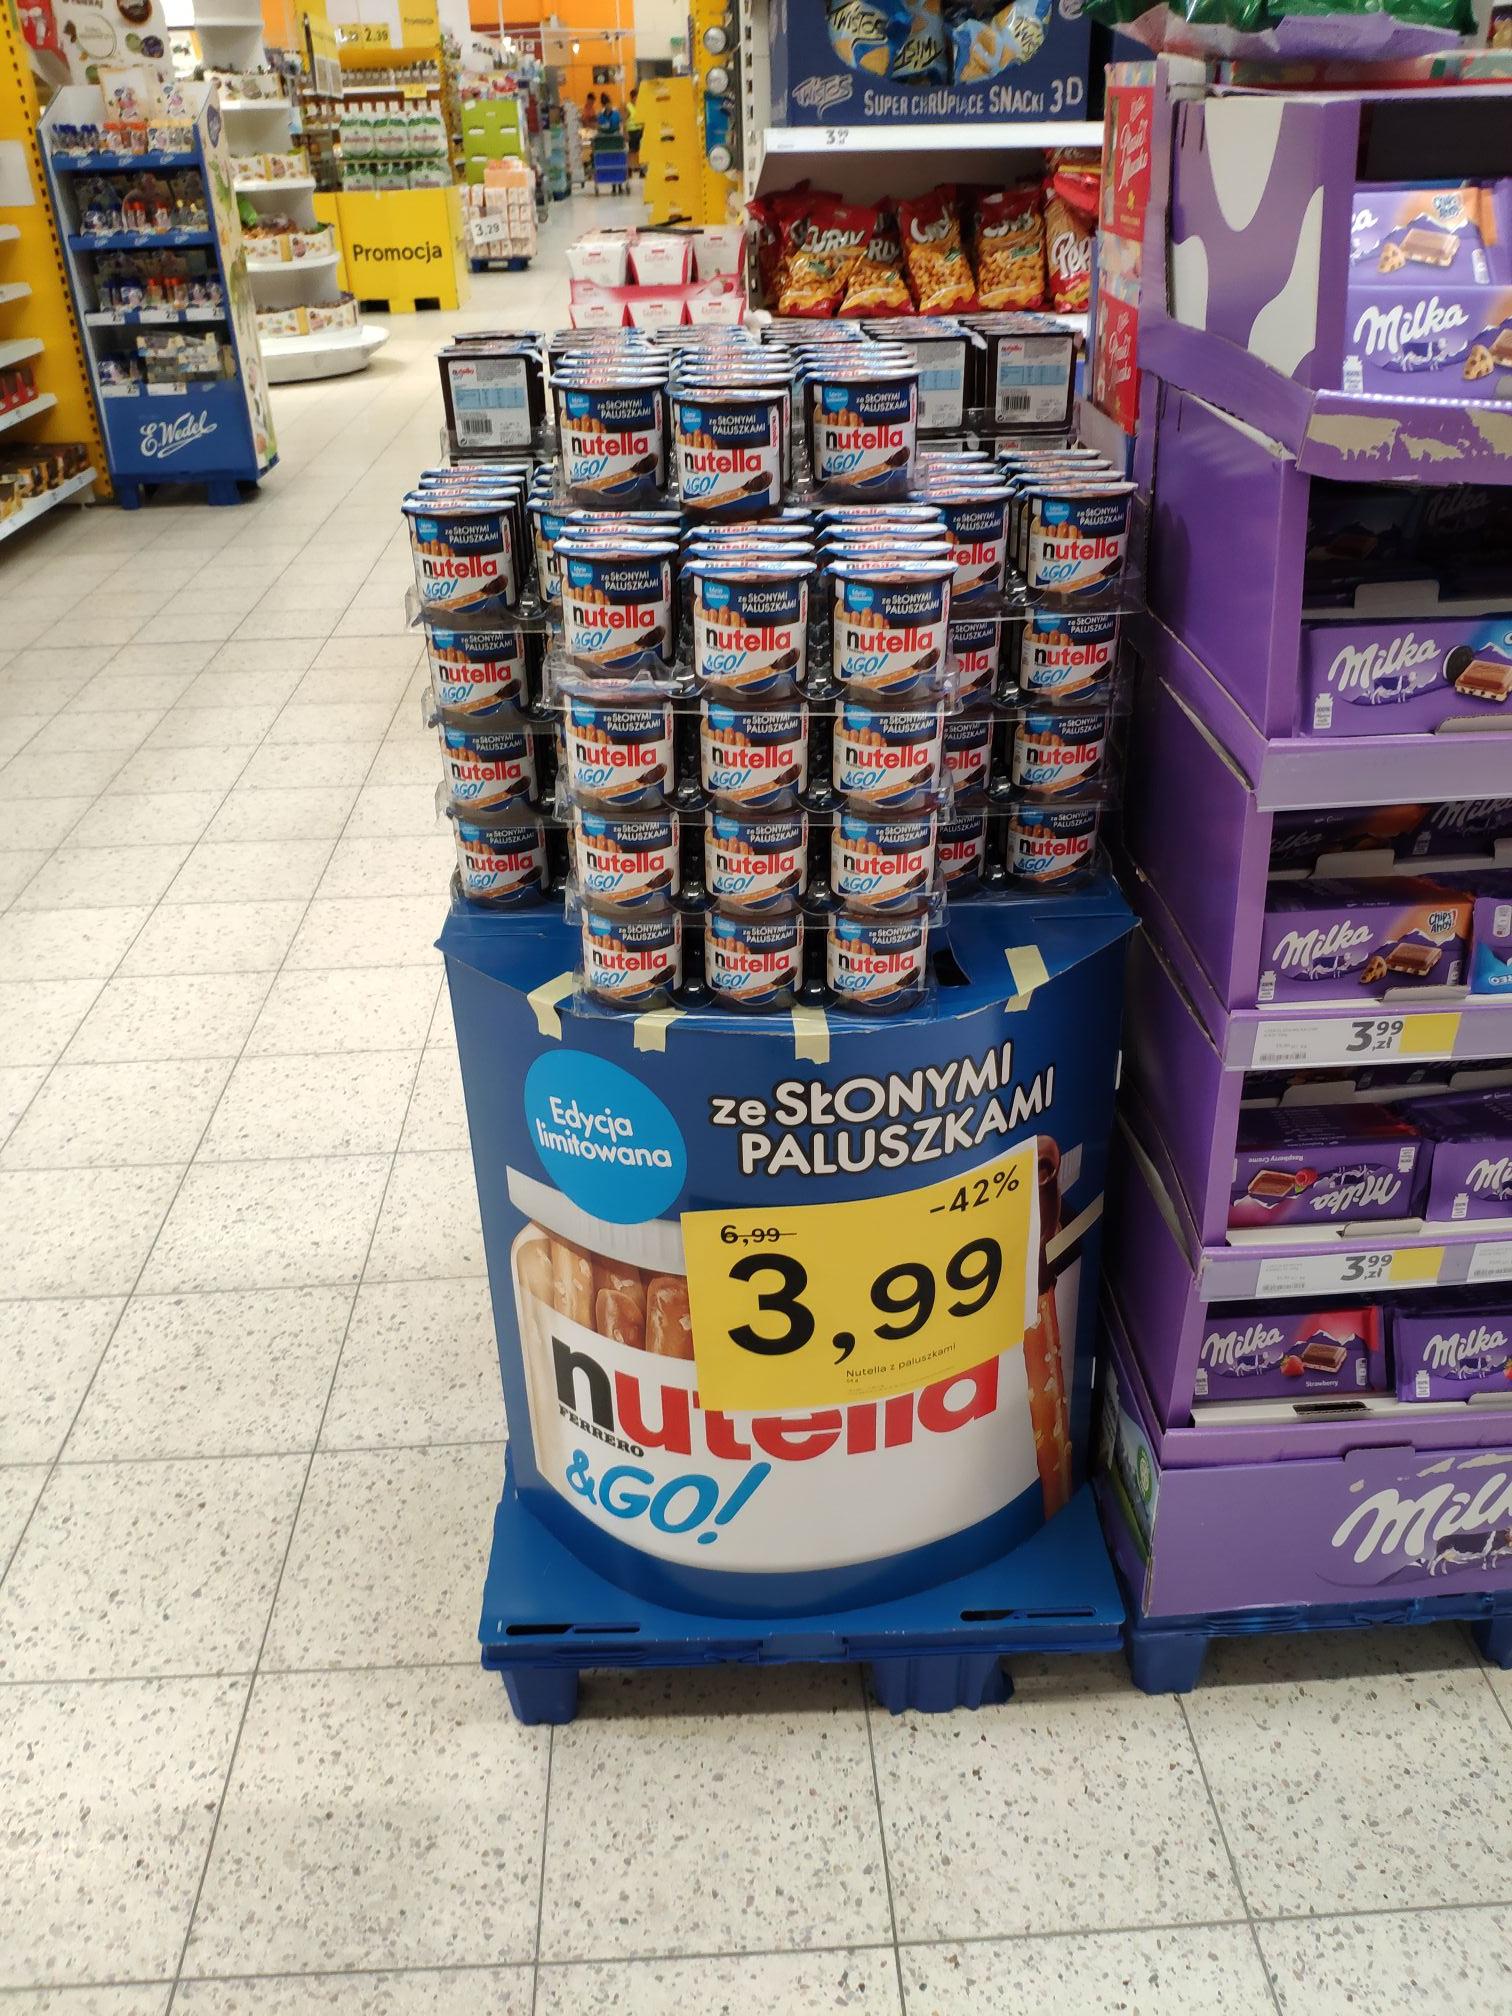 Nutella&Go Salt Tesco Gdańsk Chełm